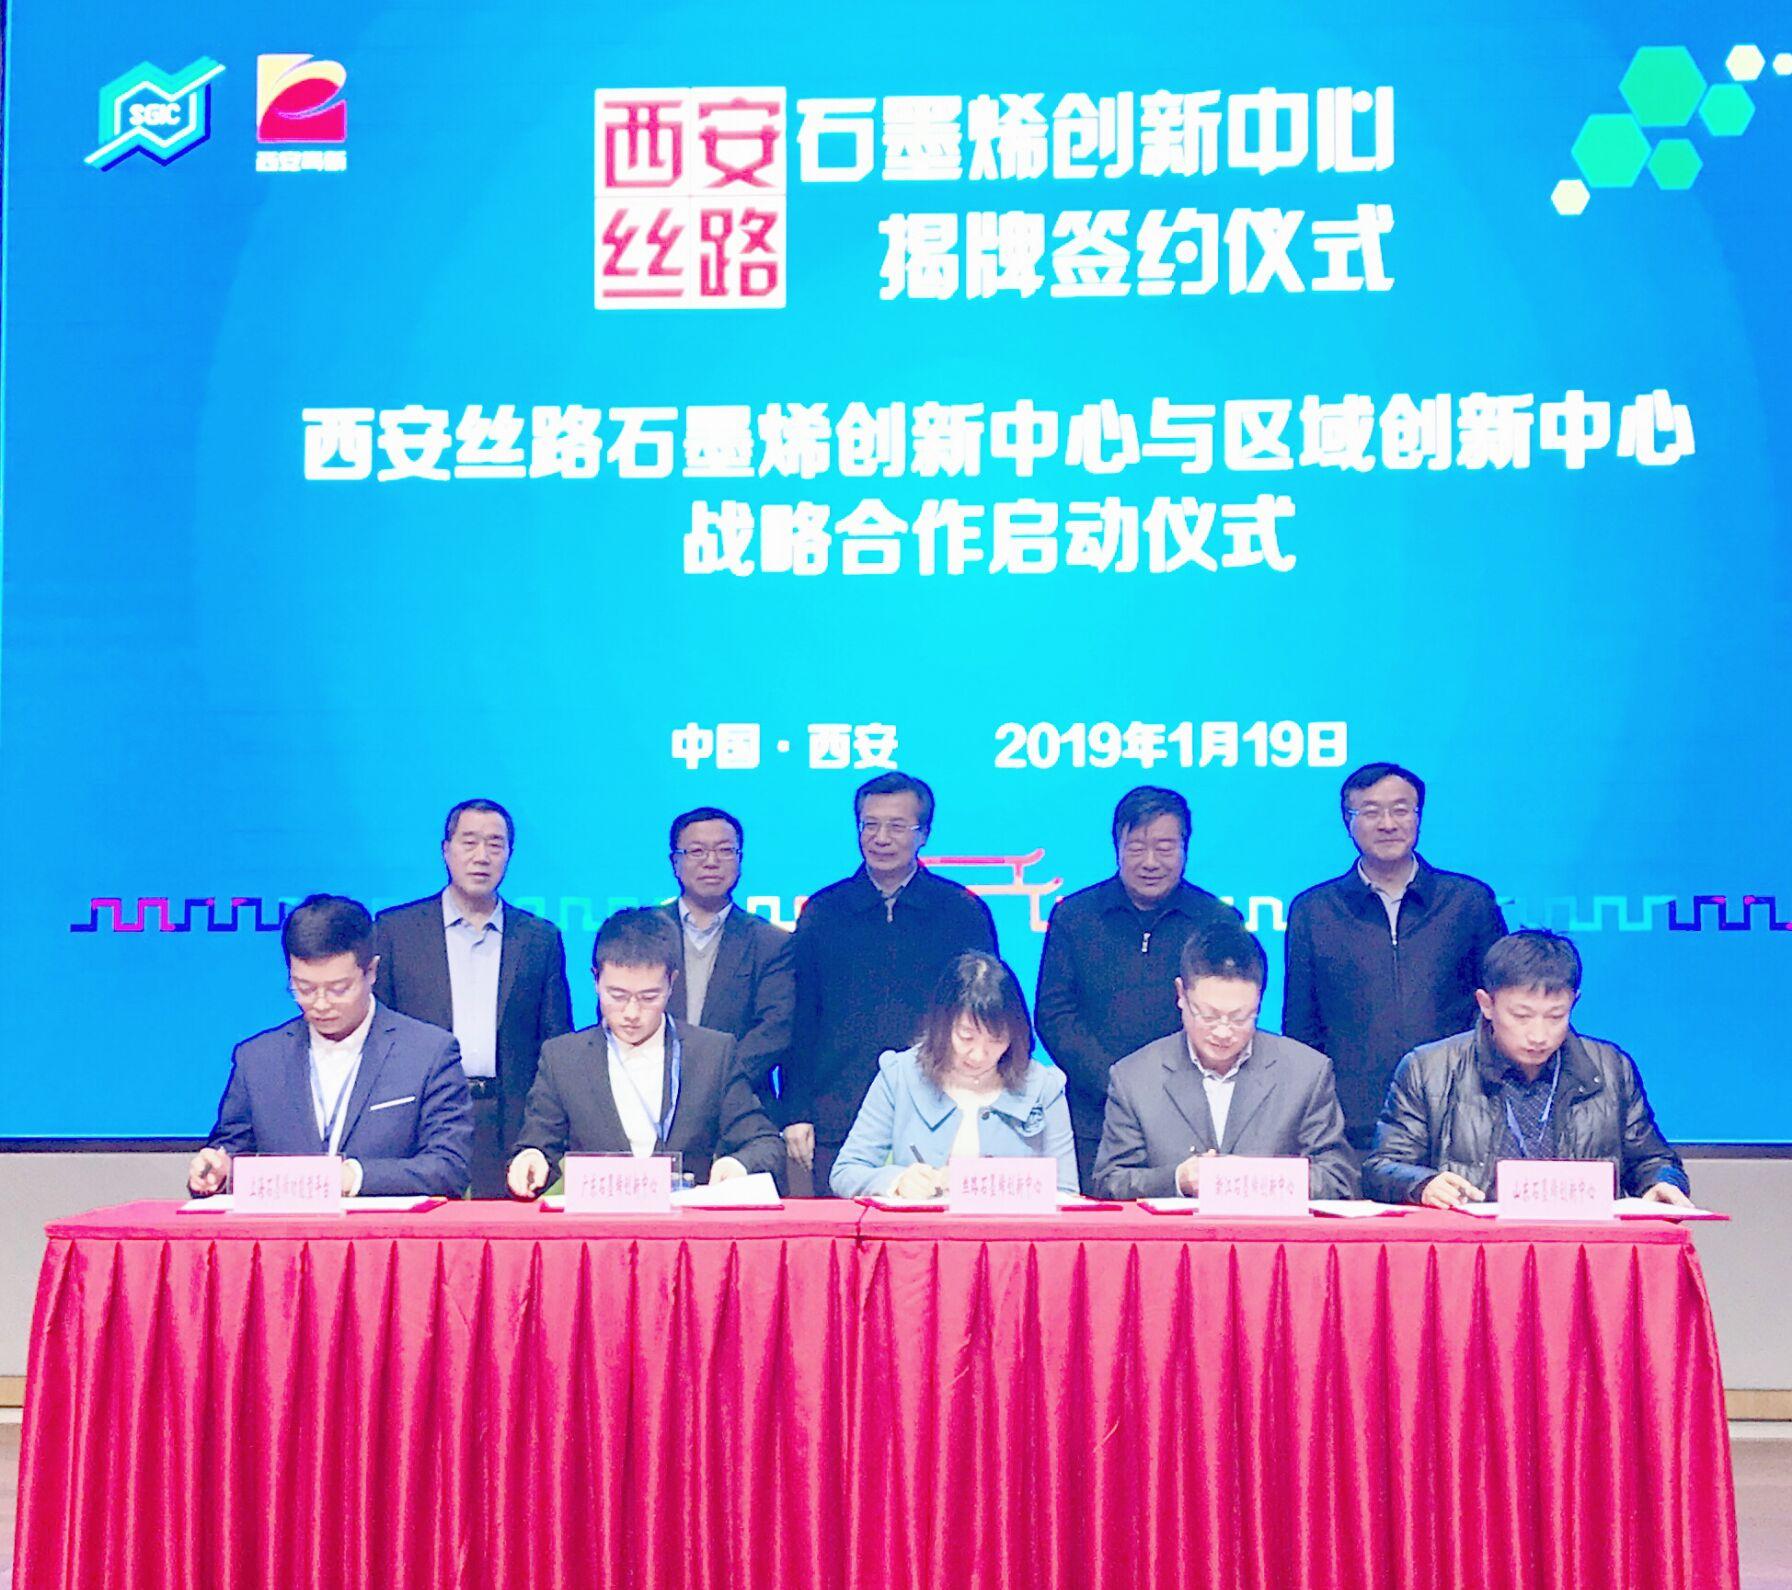 西安丝路石墨烯创新中心签约暨西安石墨烯产业技术创新战略联盟揭牌仪式在高新区举行